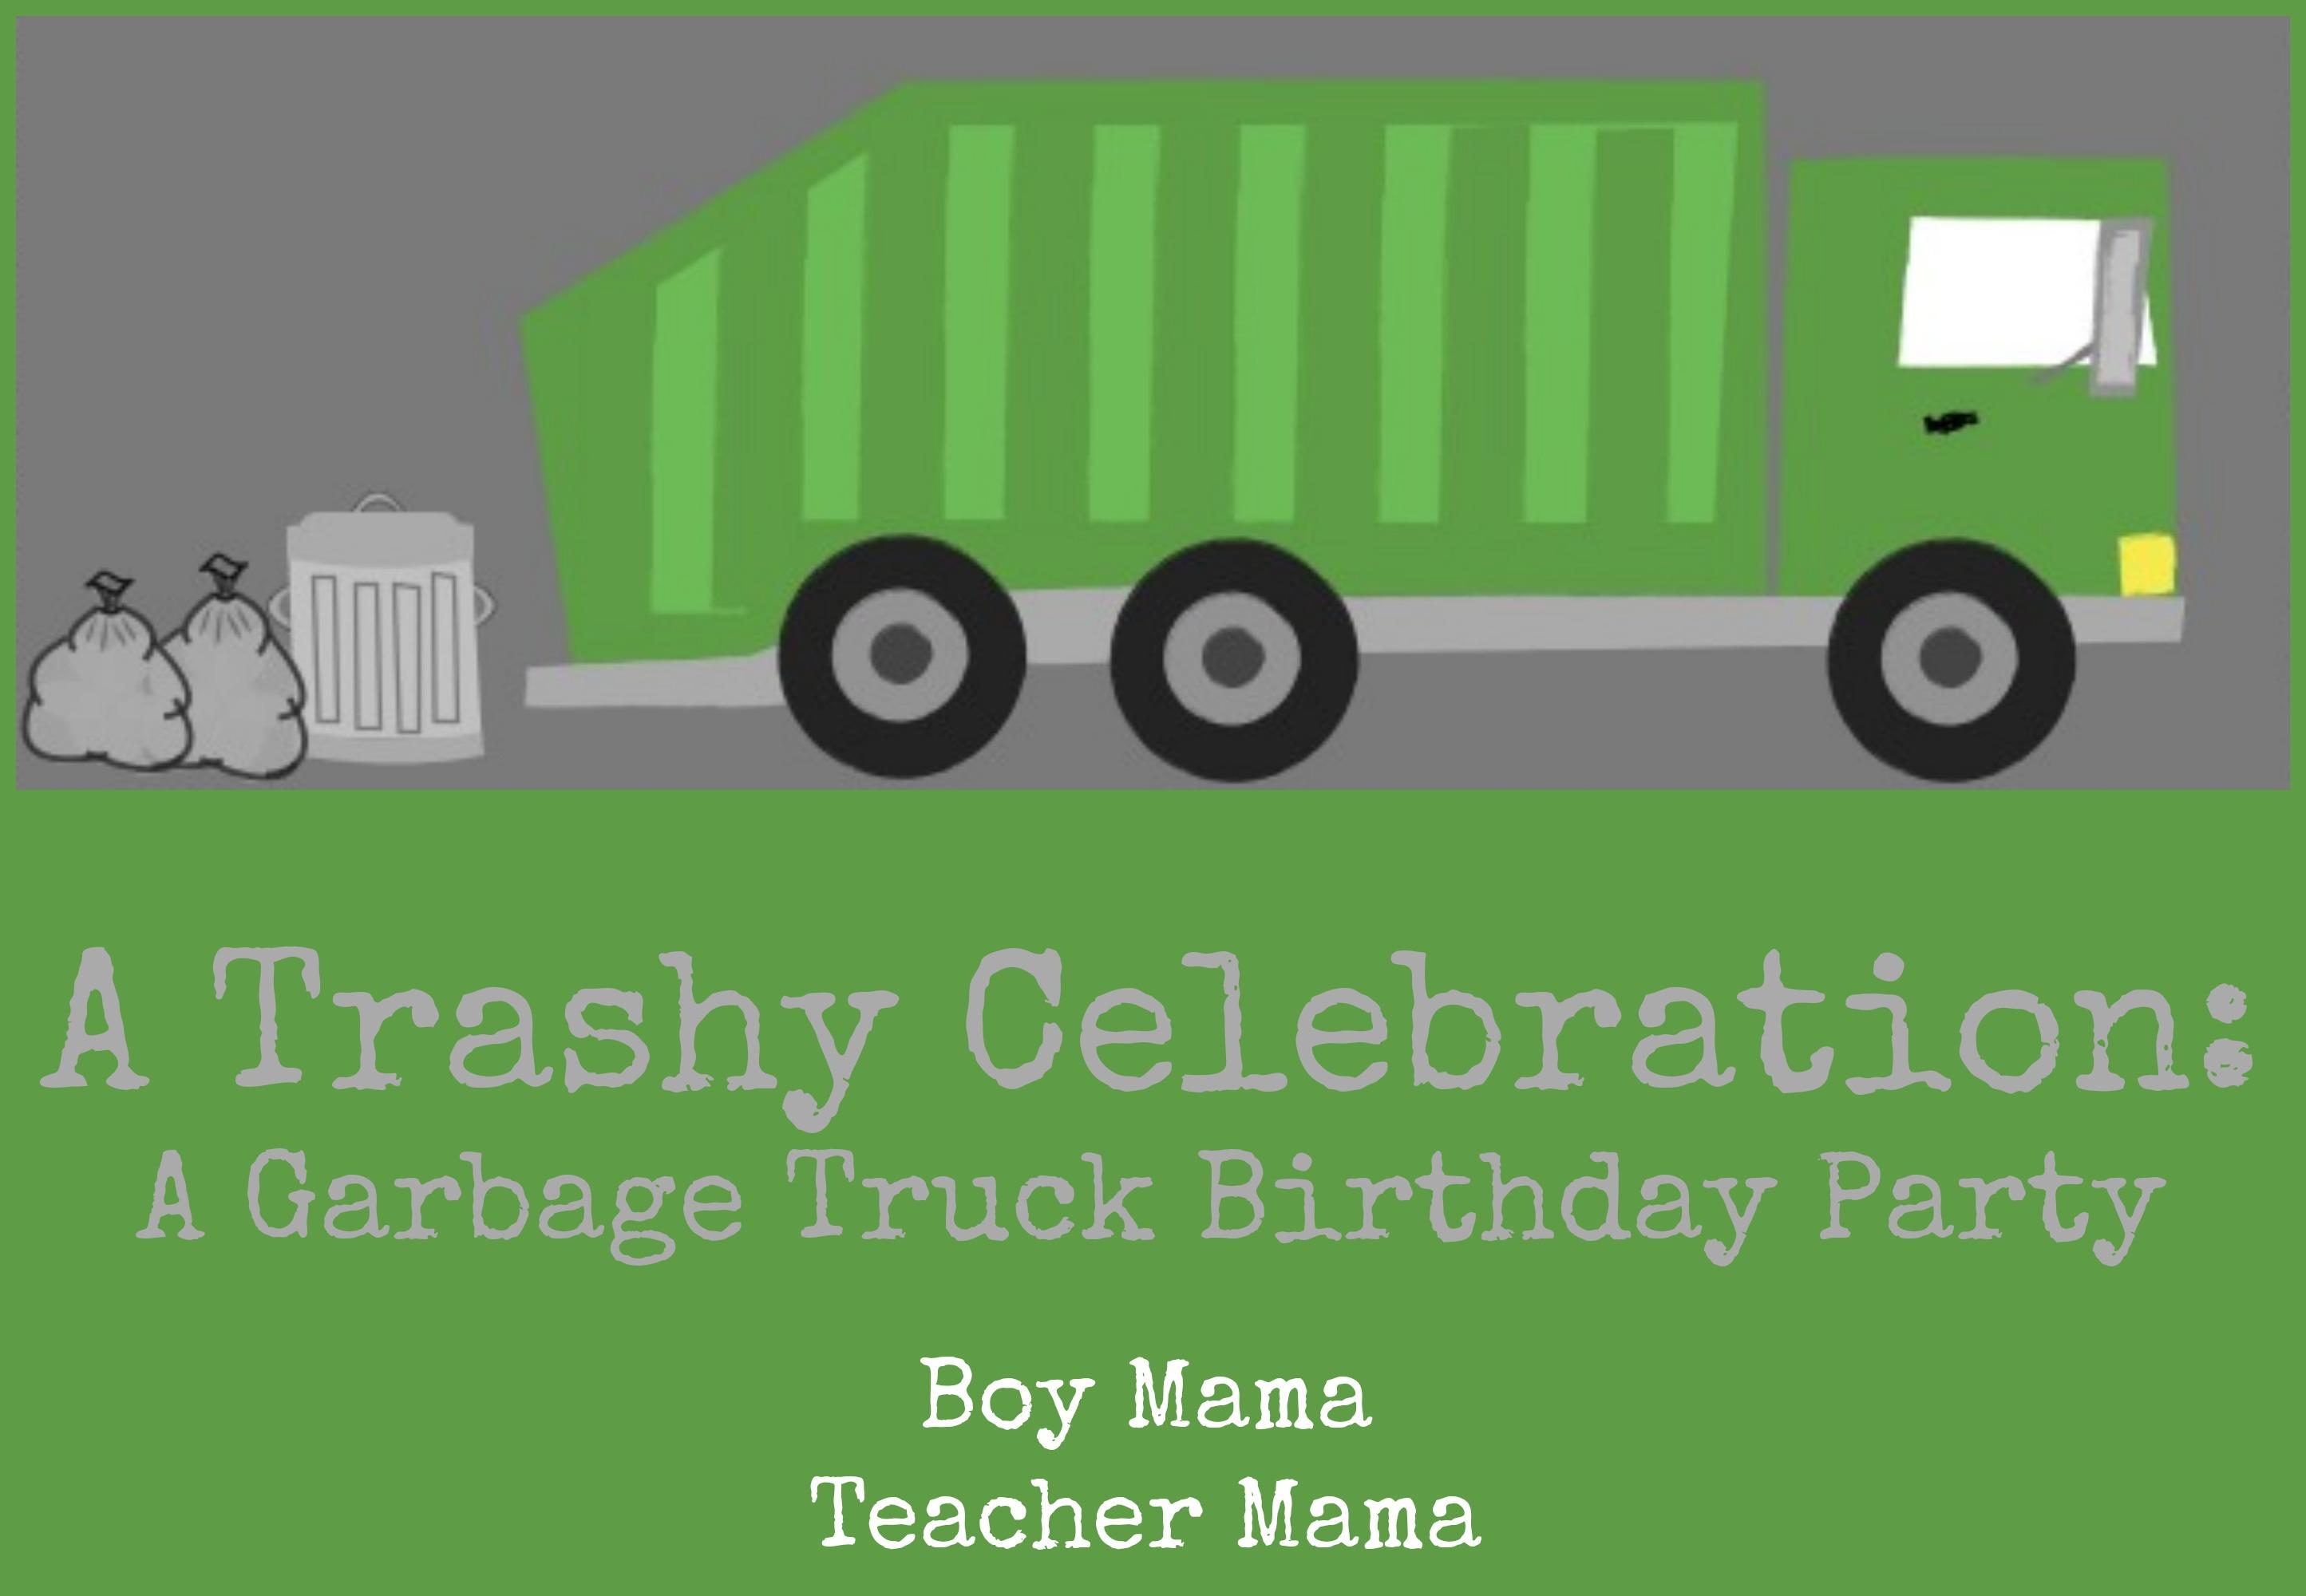 Boy mama a trashy celebration a garbage truck birthday party boy boy mama teacher mama a trashy celebration a garbage truck birthday party filmwisefo